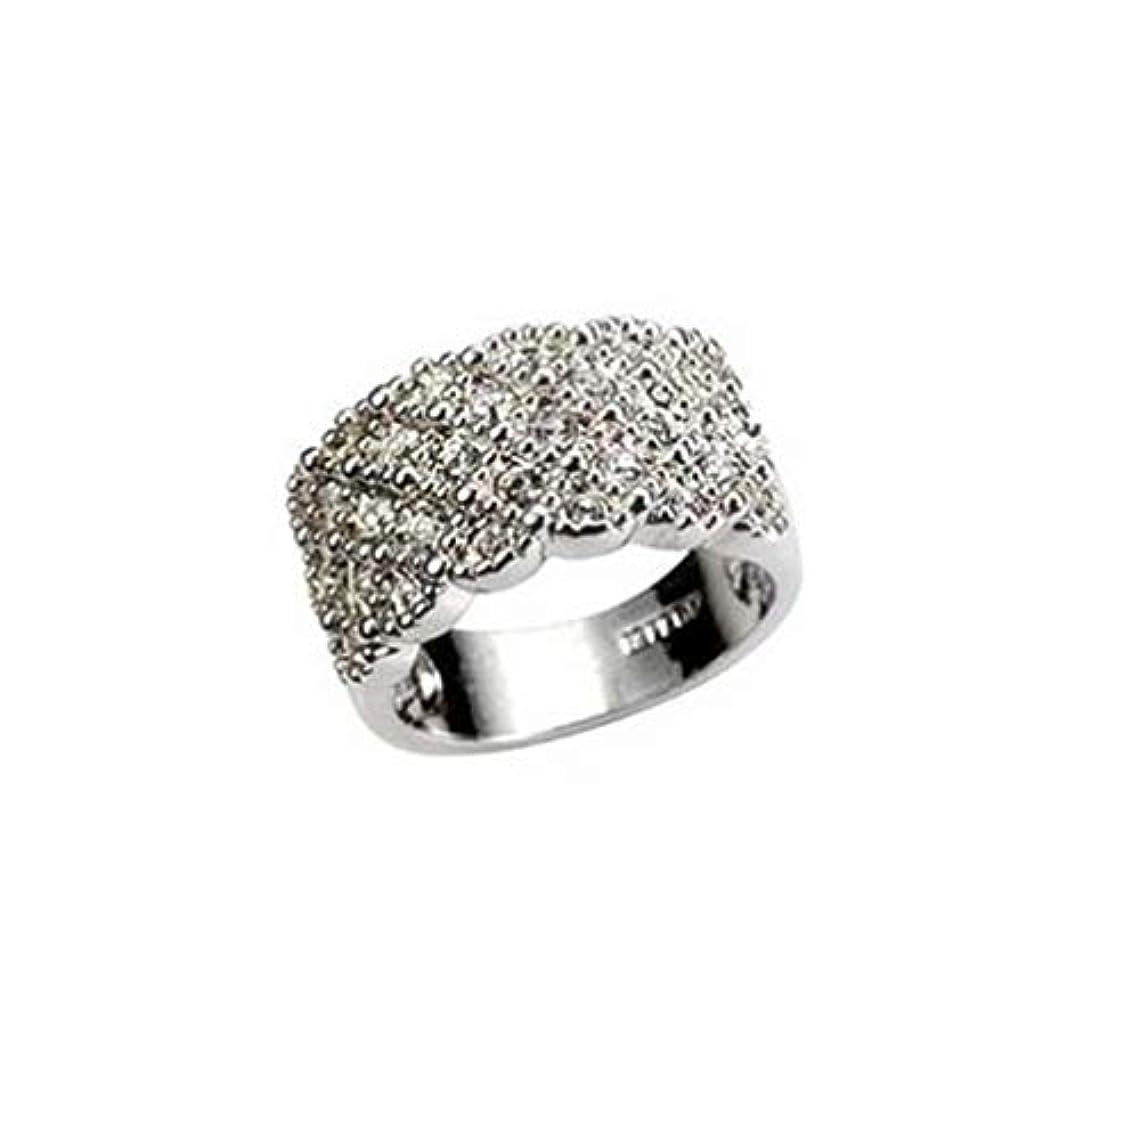 再生可能シビック普通にBEE&BLUE  指輪 リング アクセサリー ギラギラ ラインストーン 豪華な輝き レデイース お洒落